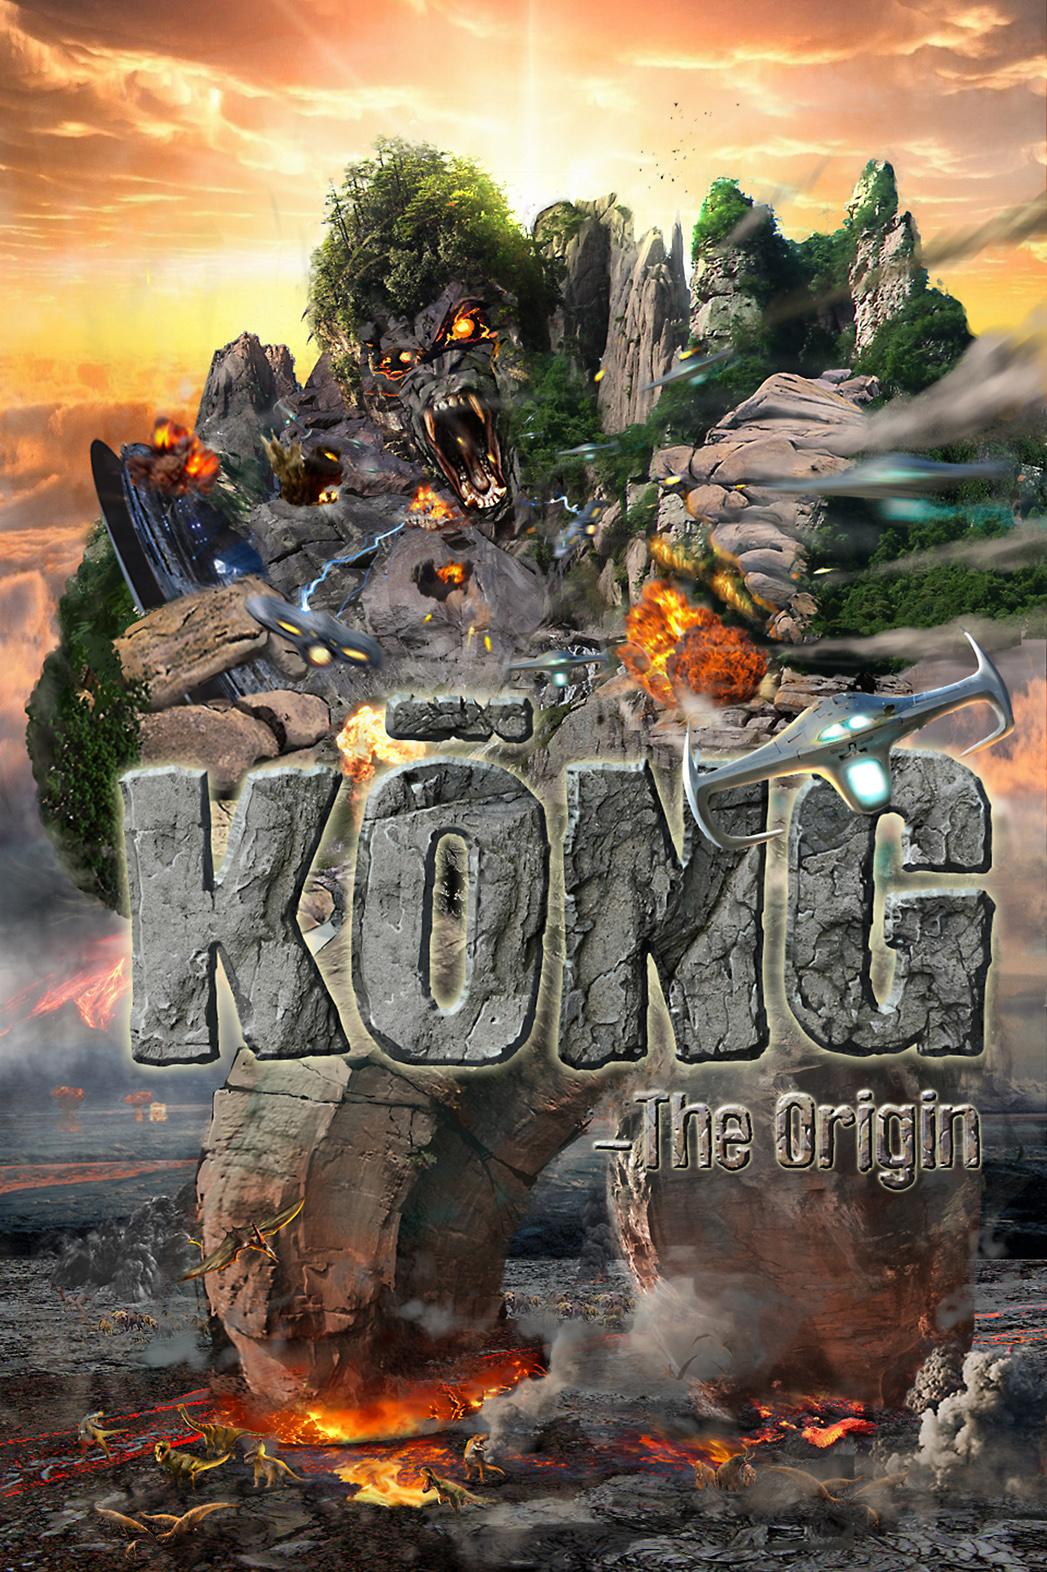 Kong Image Poster - P 2014